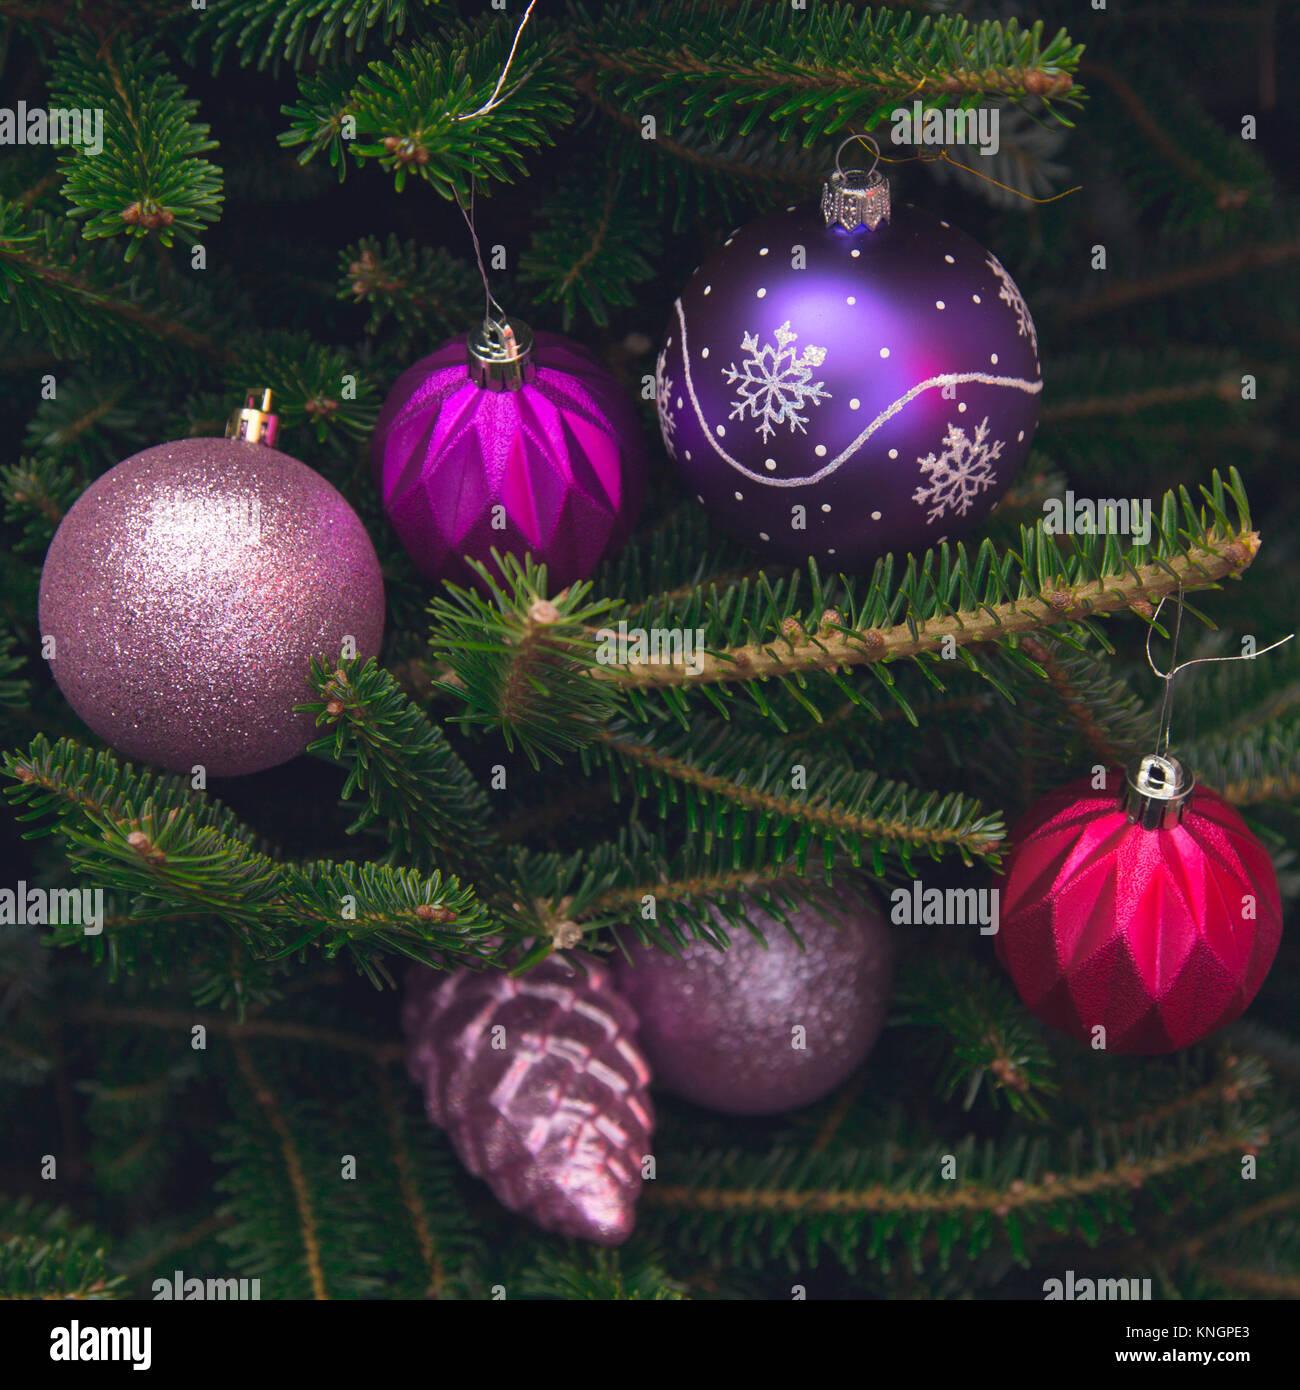 Christbaumkugeln Violett.Glanzend Pink Und Lila Christbaumkugeln Aus Glas Hangen An